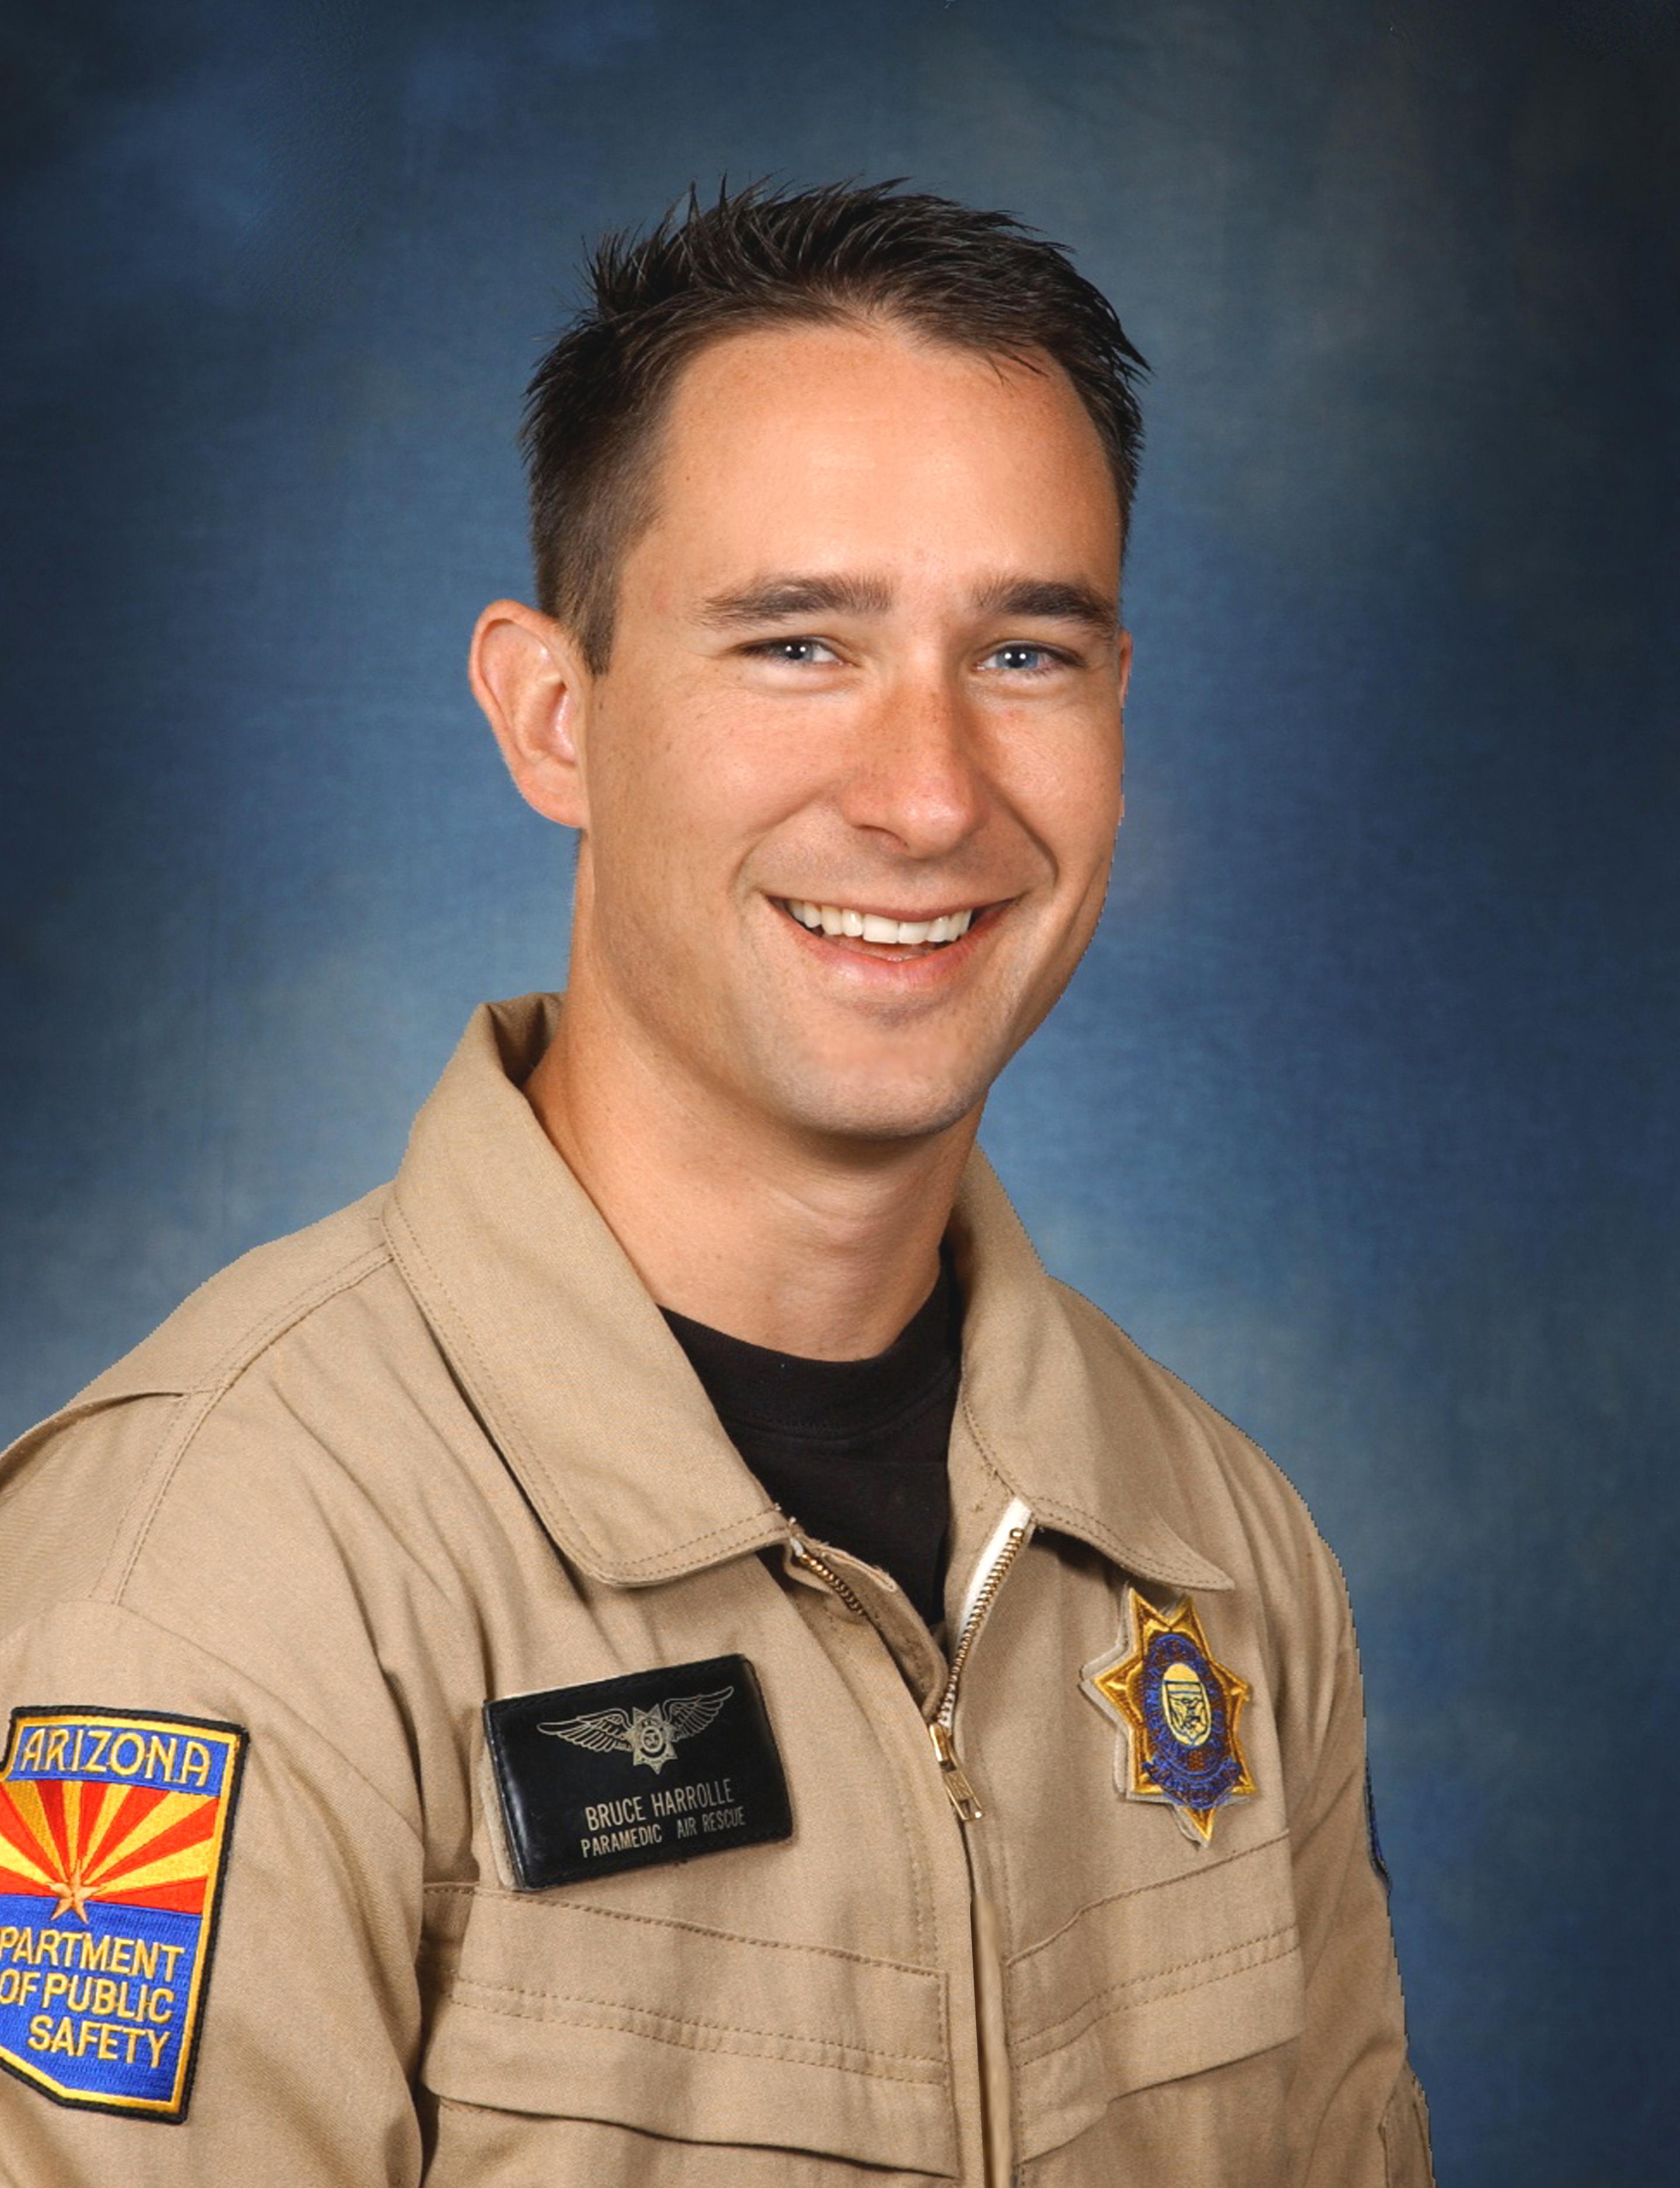 Bruce W. Harrolle